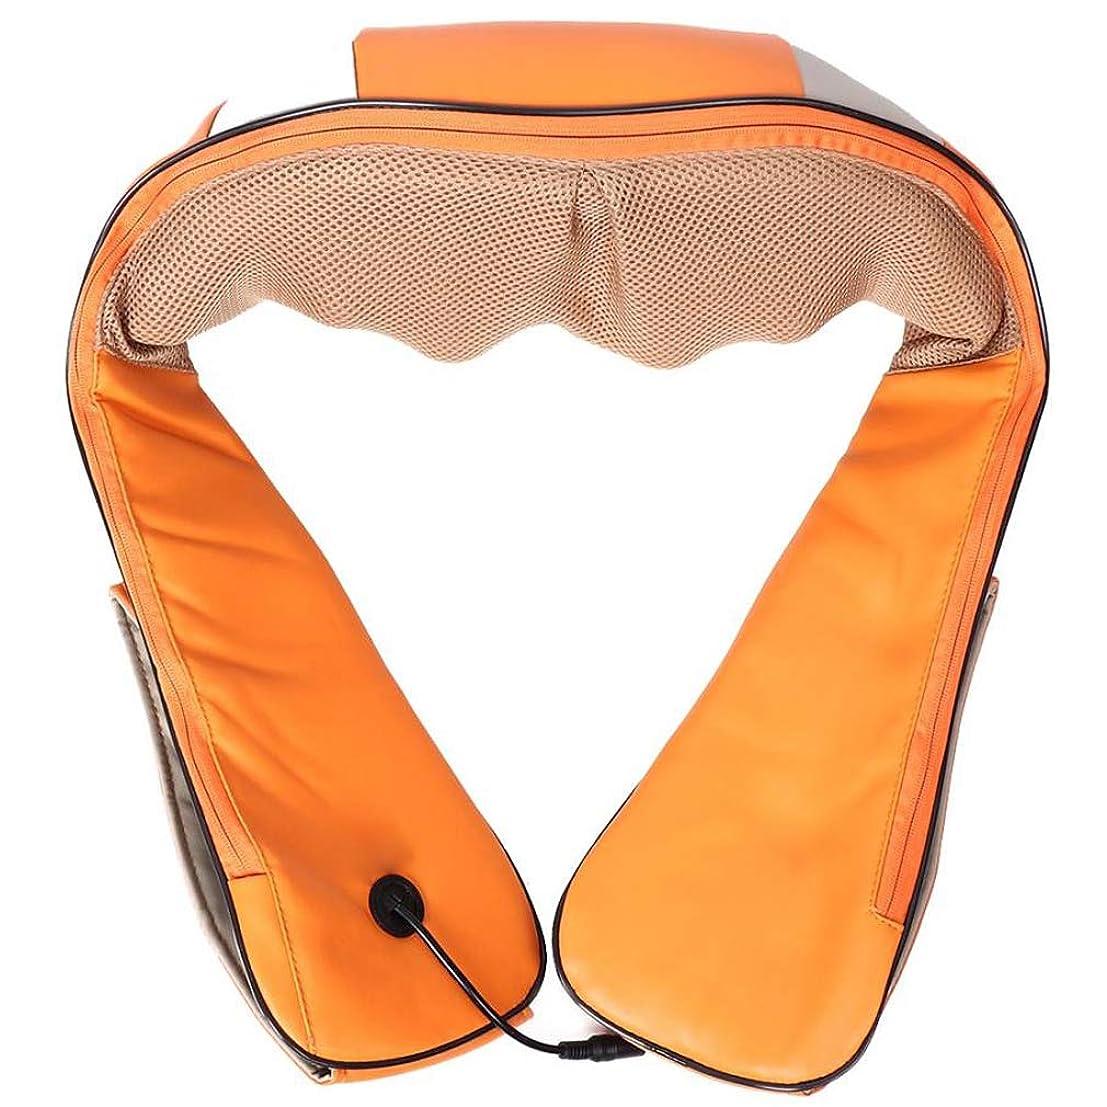 撤回する無人口実指圧バックネックマッサージャー 、肩裏全身マッサージリラクゼーションヘルスケア機器ディープマッスルリリーフ調節可能な強度のオフィスホームカー, Orange